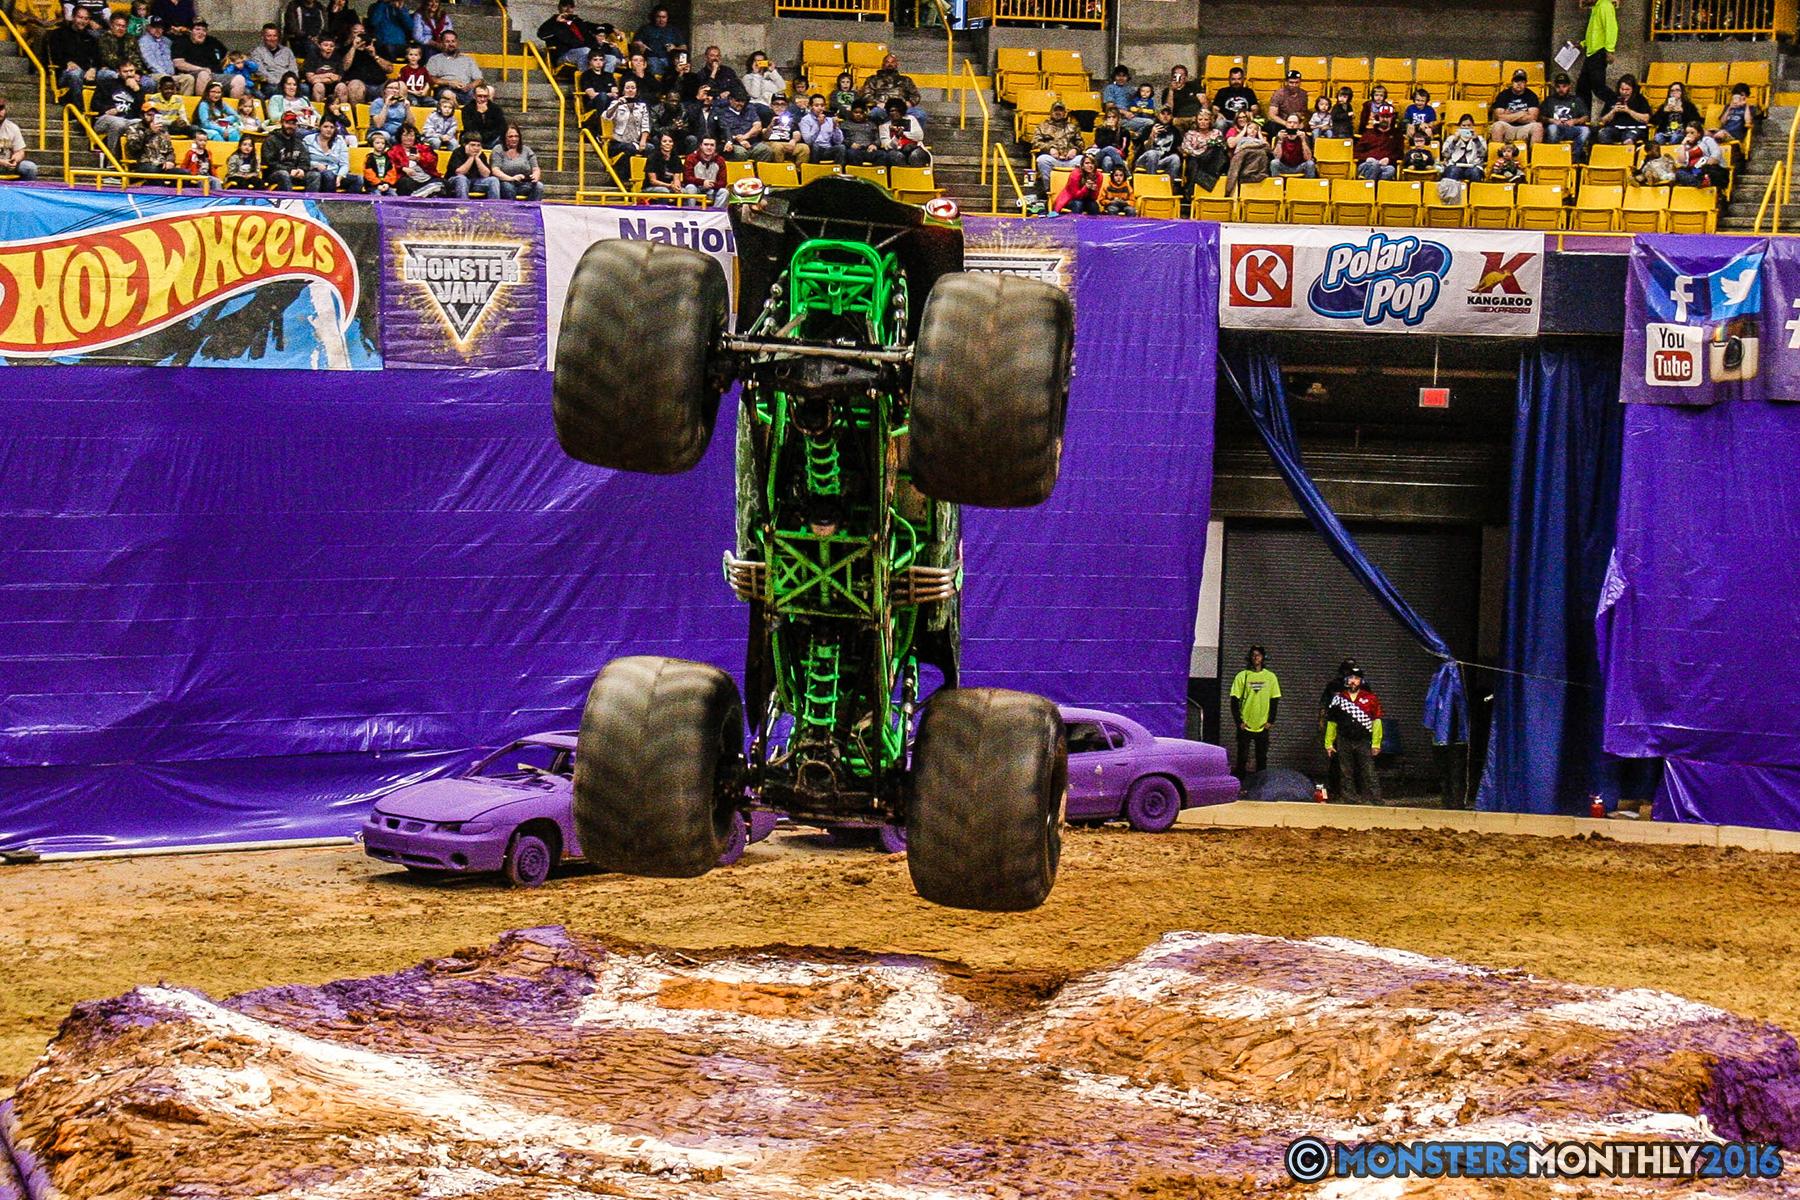 33-monster-jam-utc-mckenzie-arena-chattanooga-tennessee-monstersmonthly-monster-truck-race-gravedigger-monstermutt-xtermigator-razin-kane-doomsday-captainscurse-2016.jpg